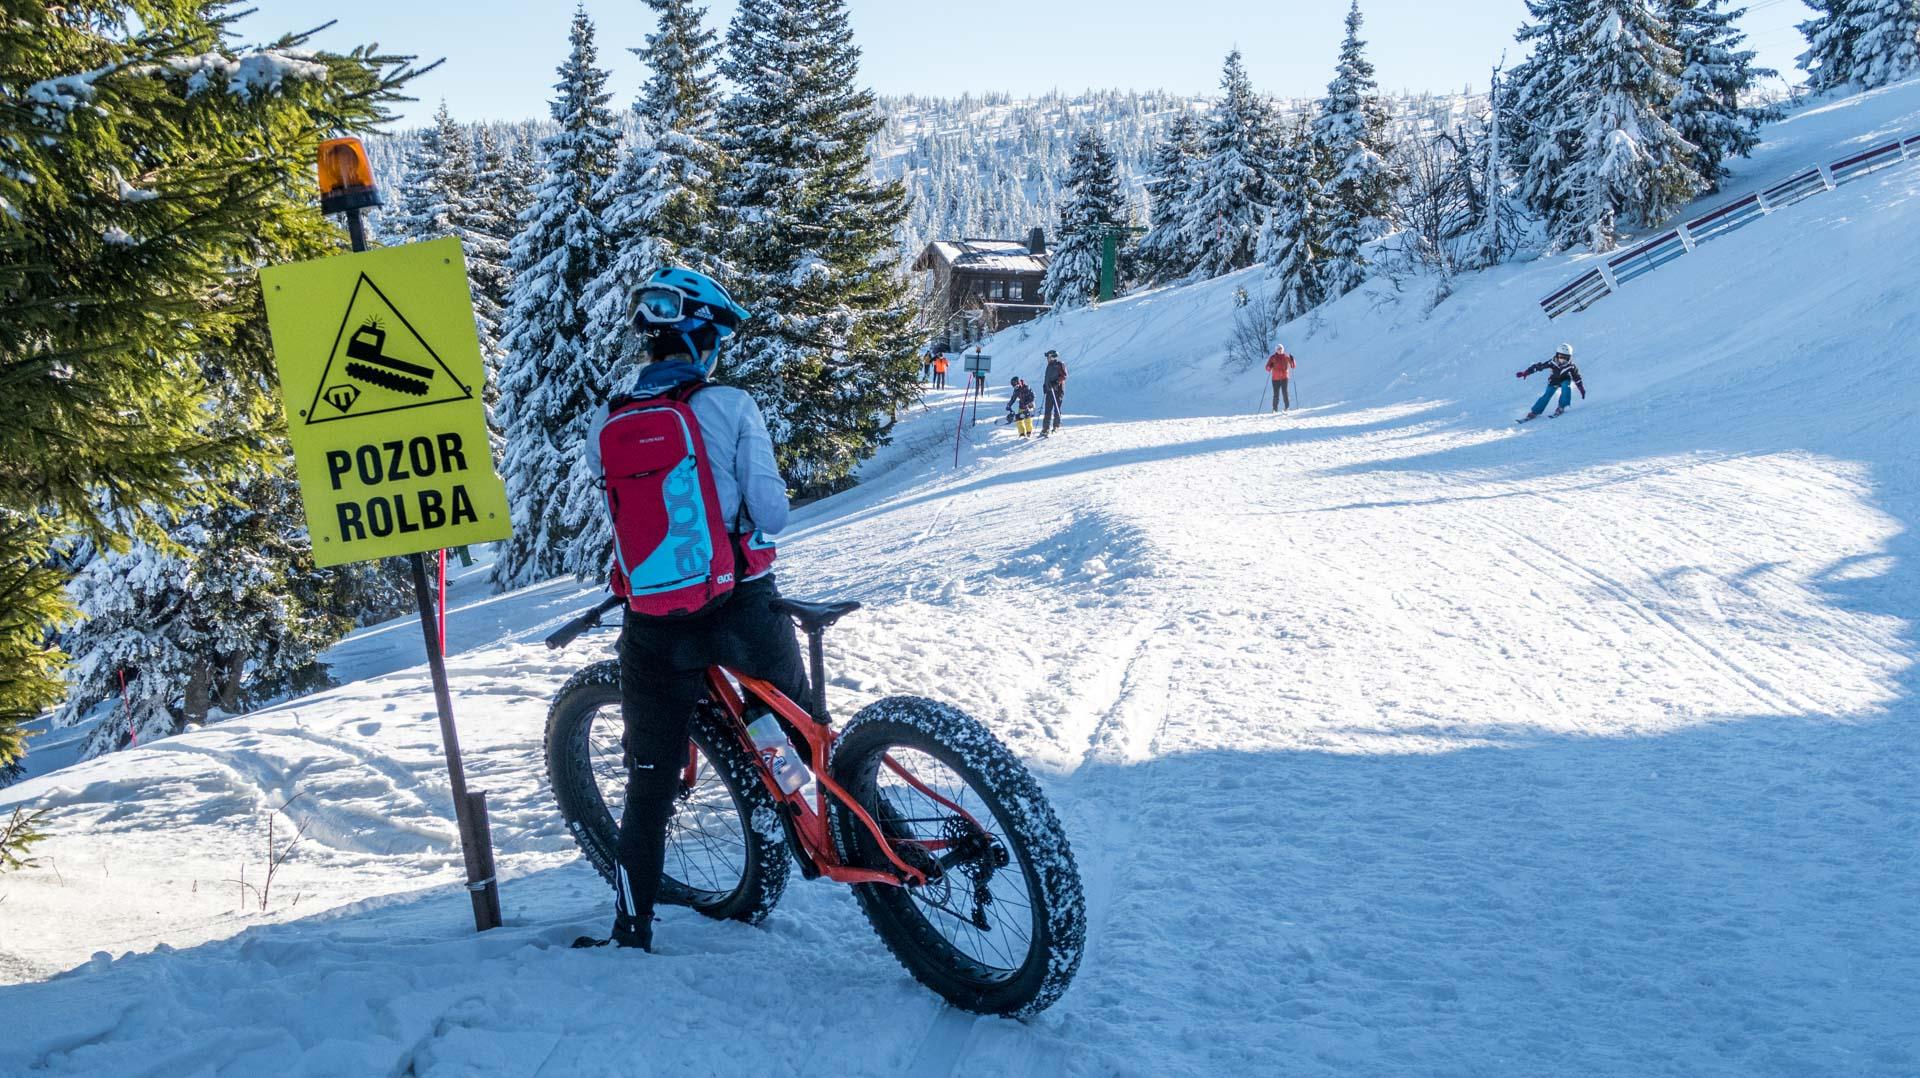 Zimowa jazda na rowerze czy nartach?